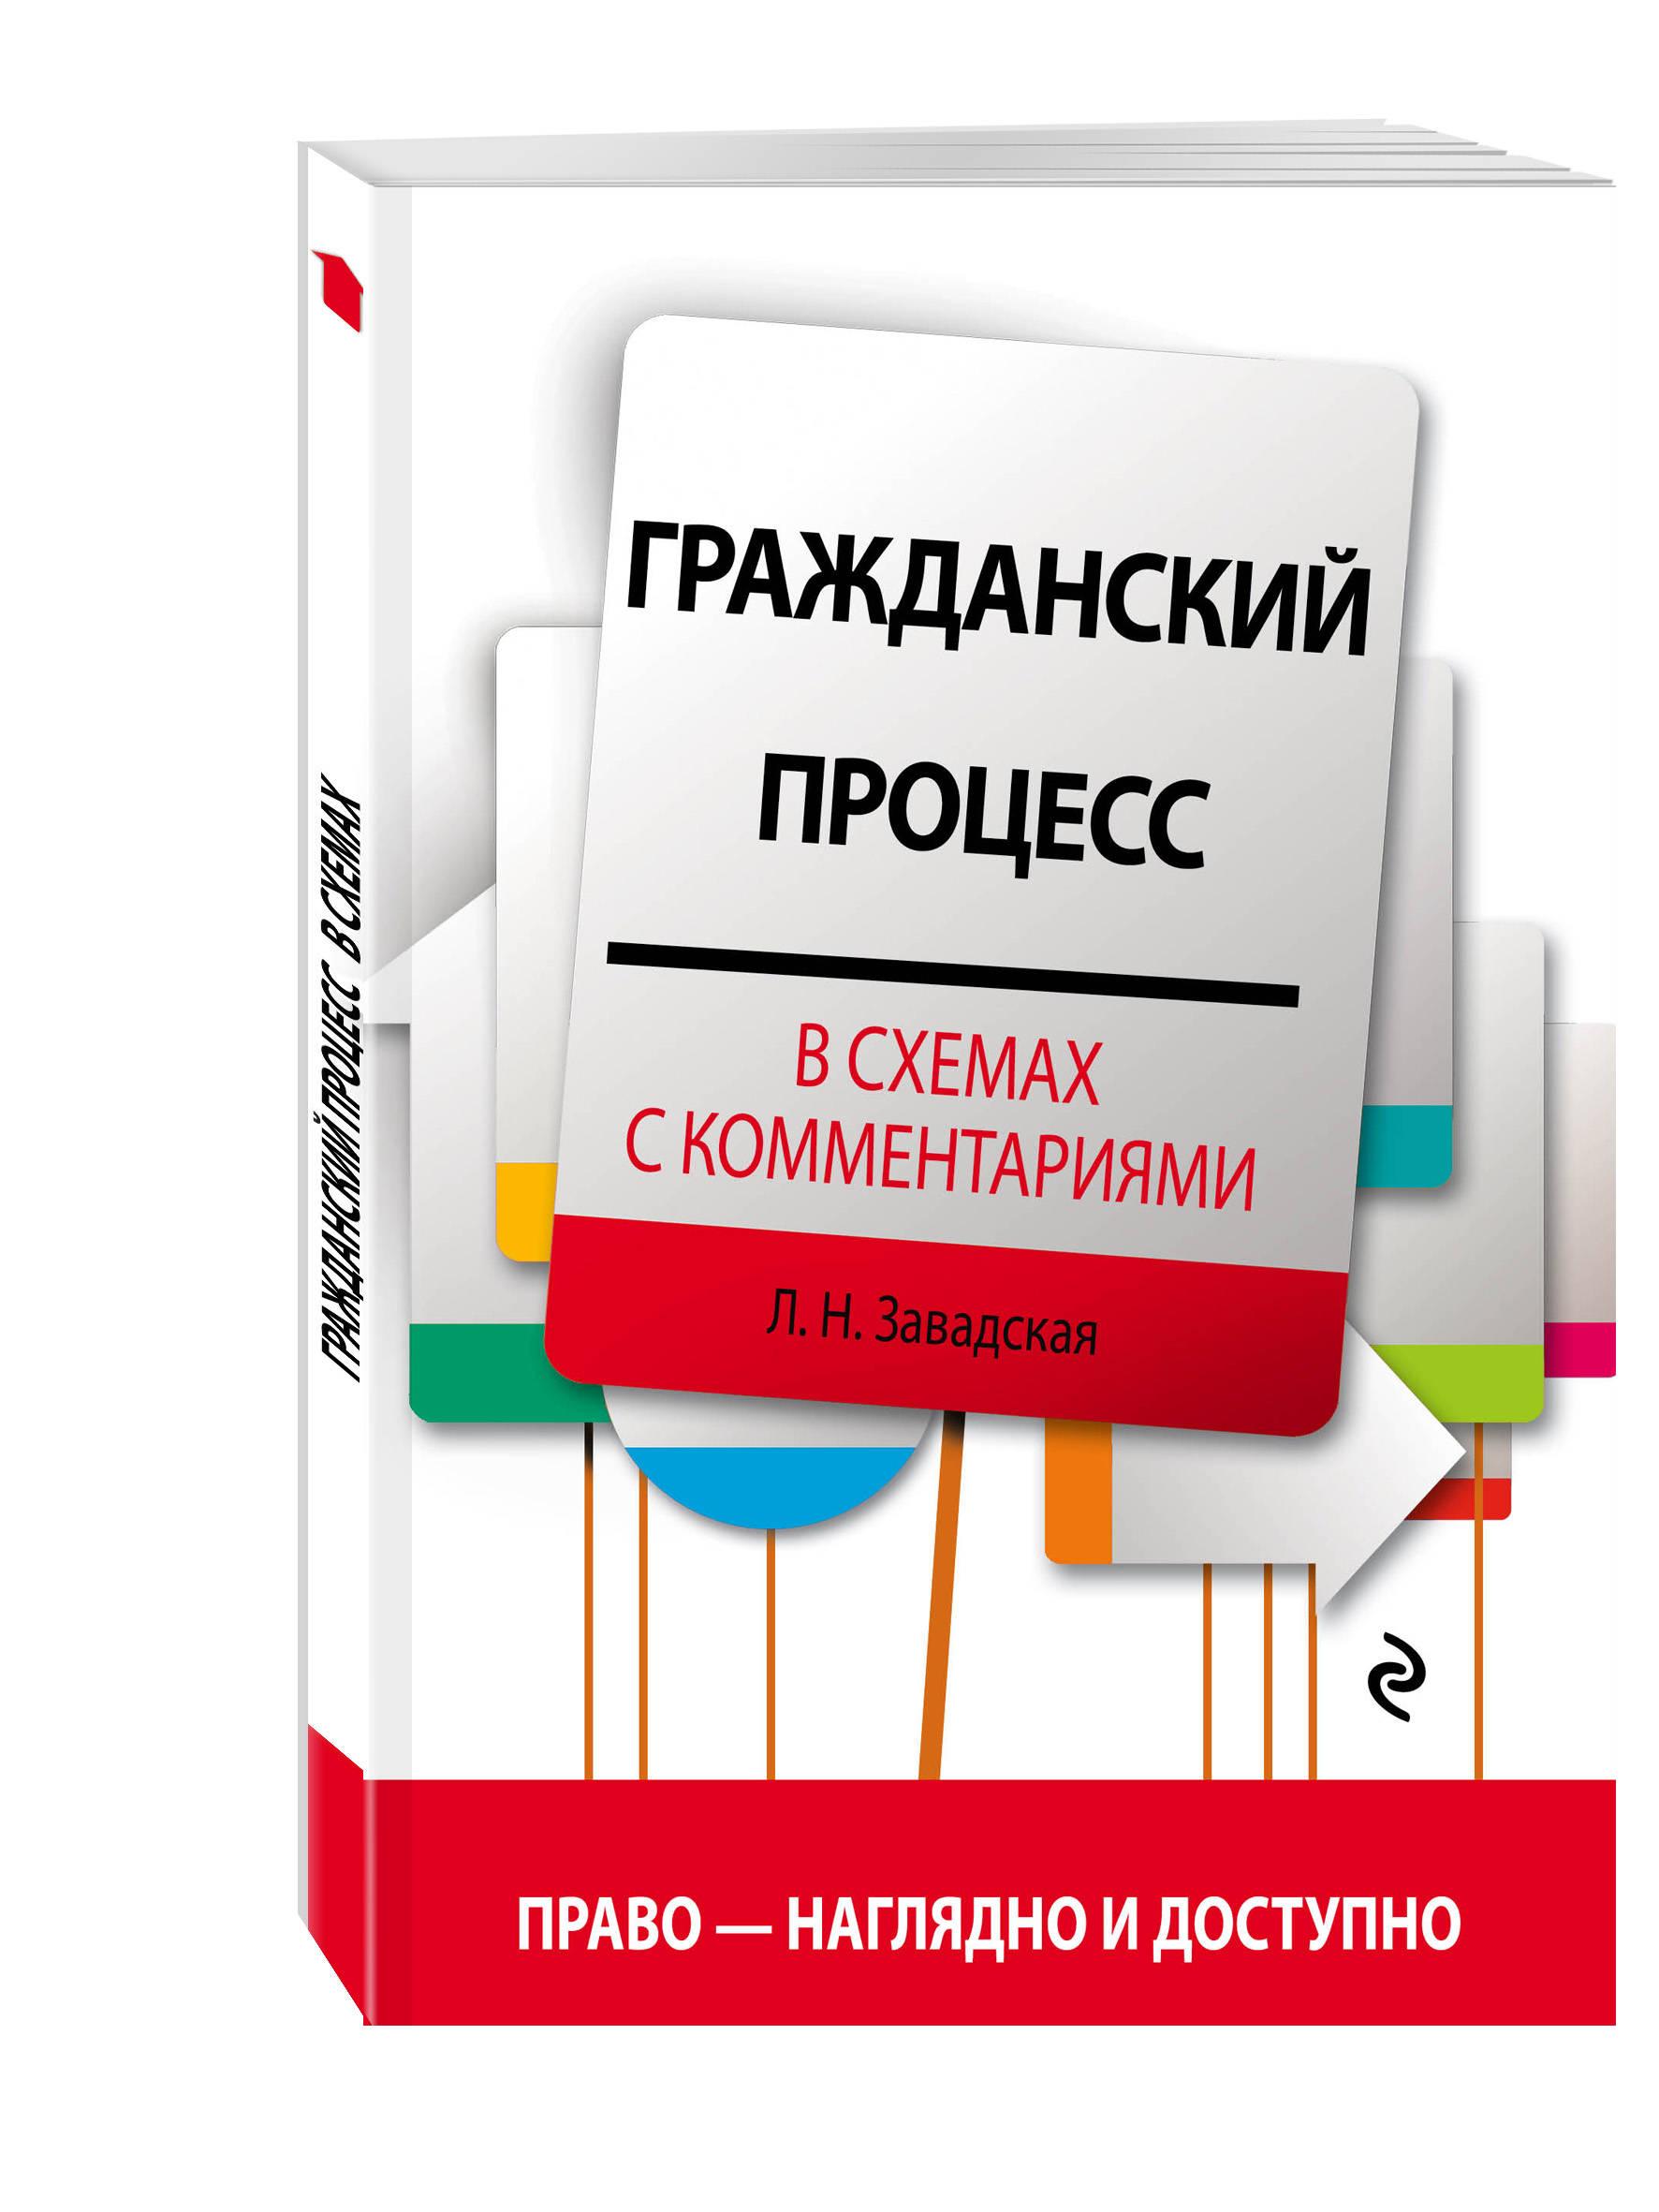 Гражданский процесс в схемах с комментариями. 3-е издание